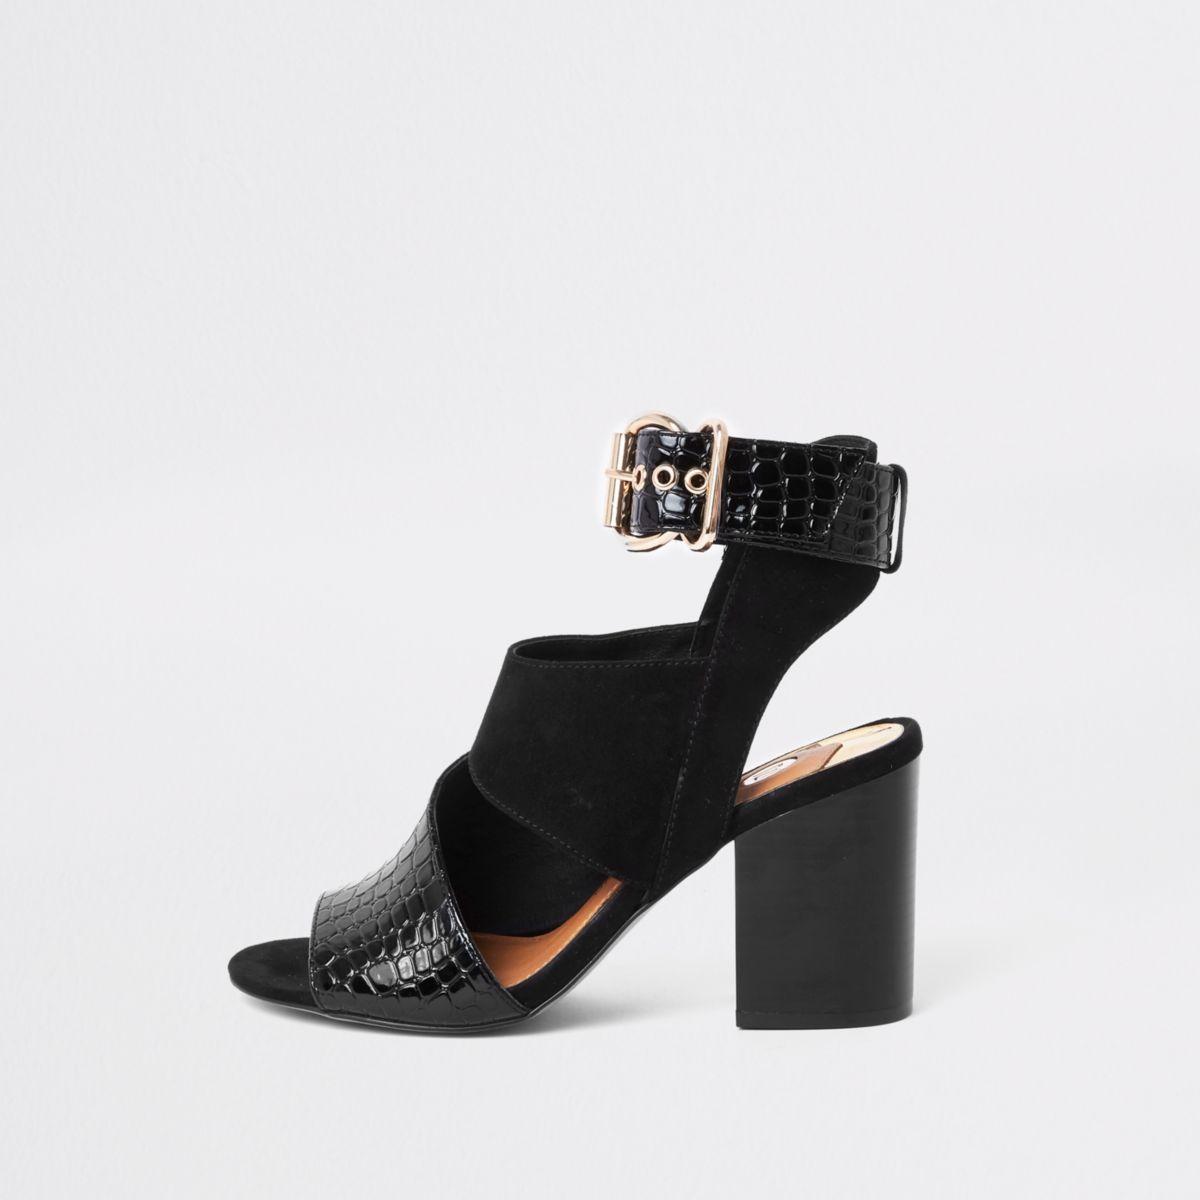 Black buckle block heel shoe boot